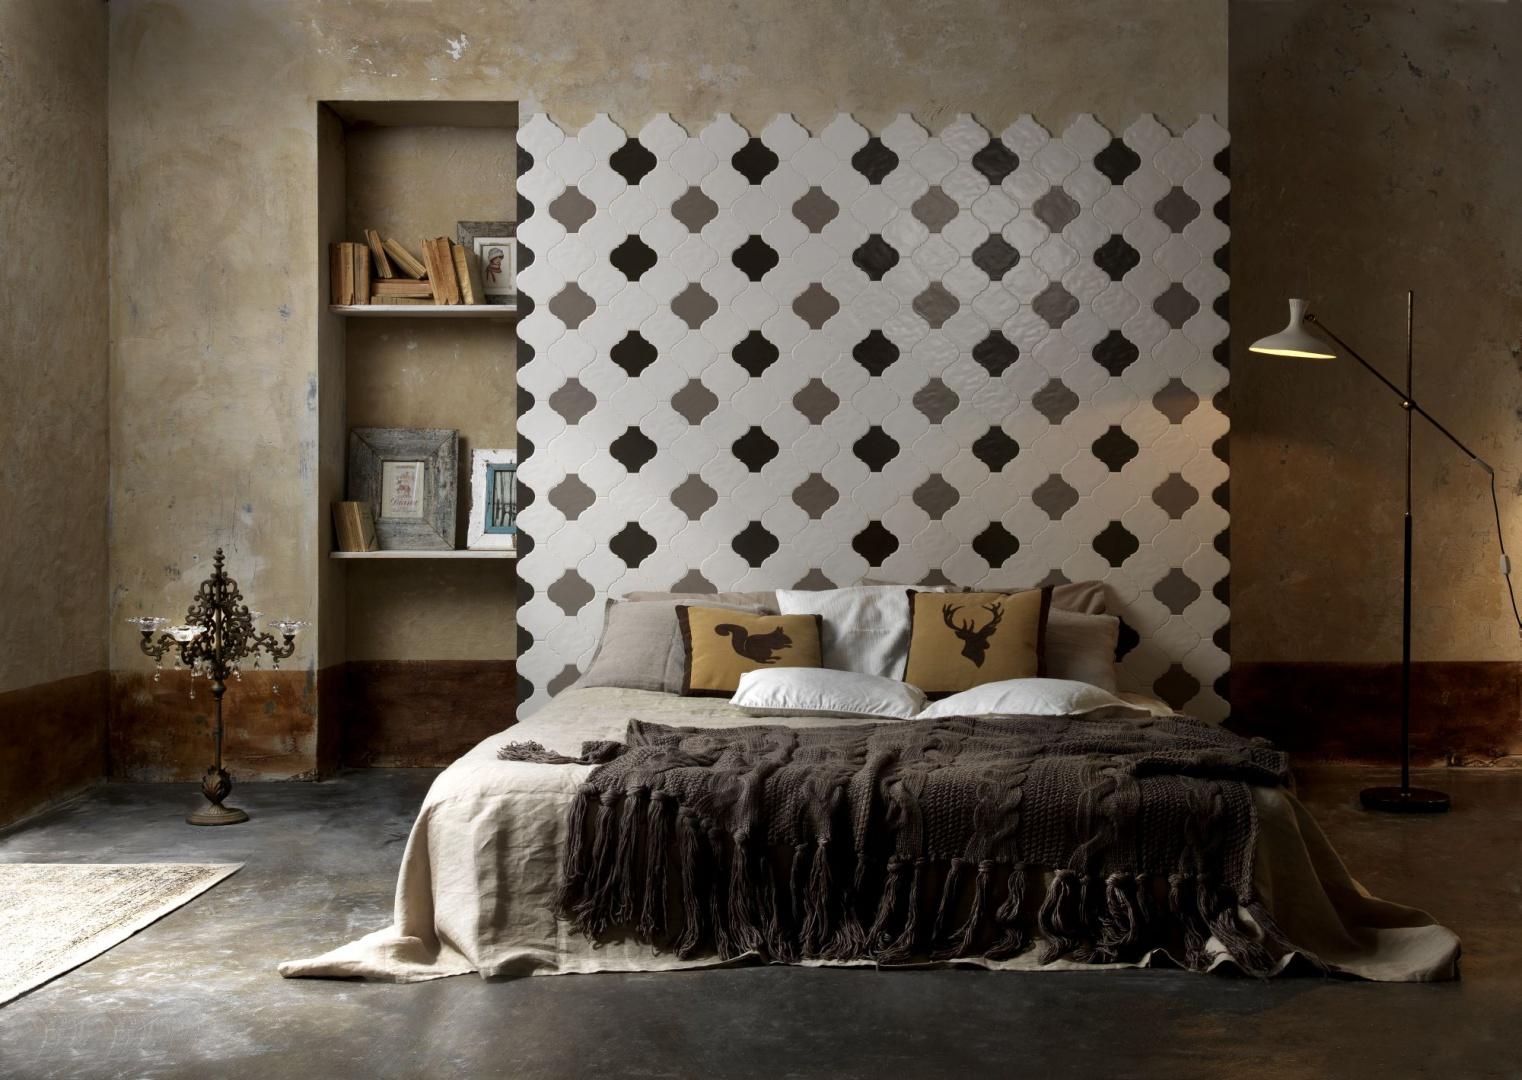 Płytki Arabesque Silk (Tonalite) | produkt dostępny w salonach Internity Home i Prodesigne